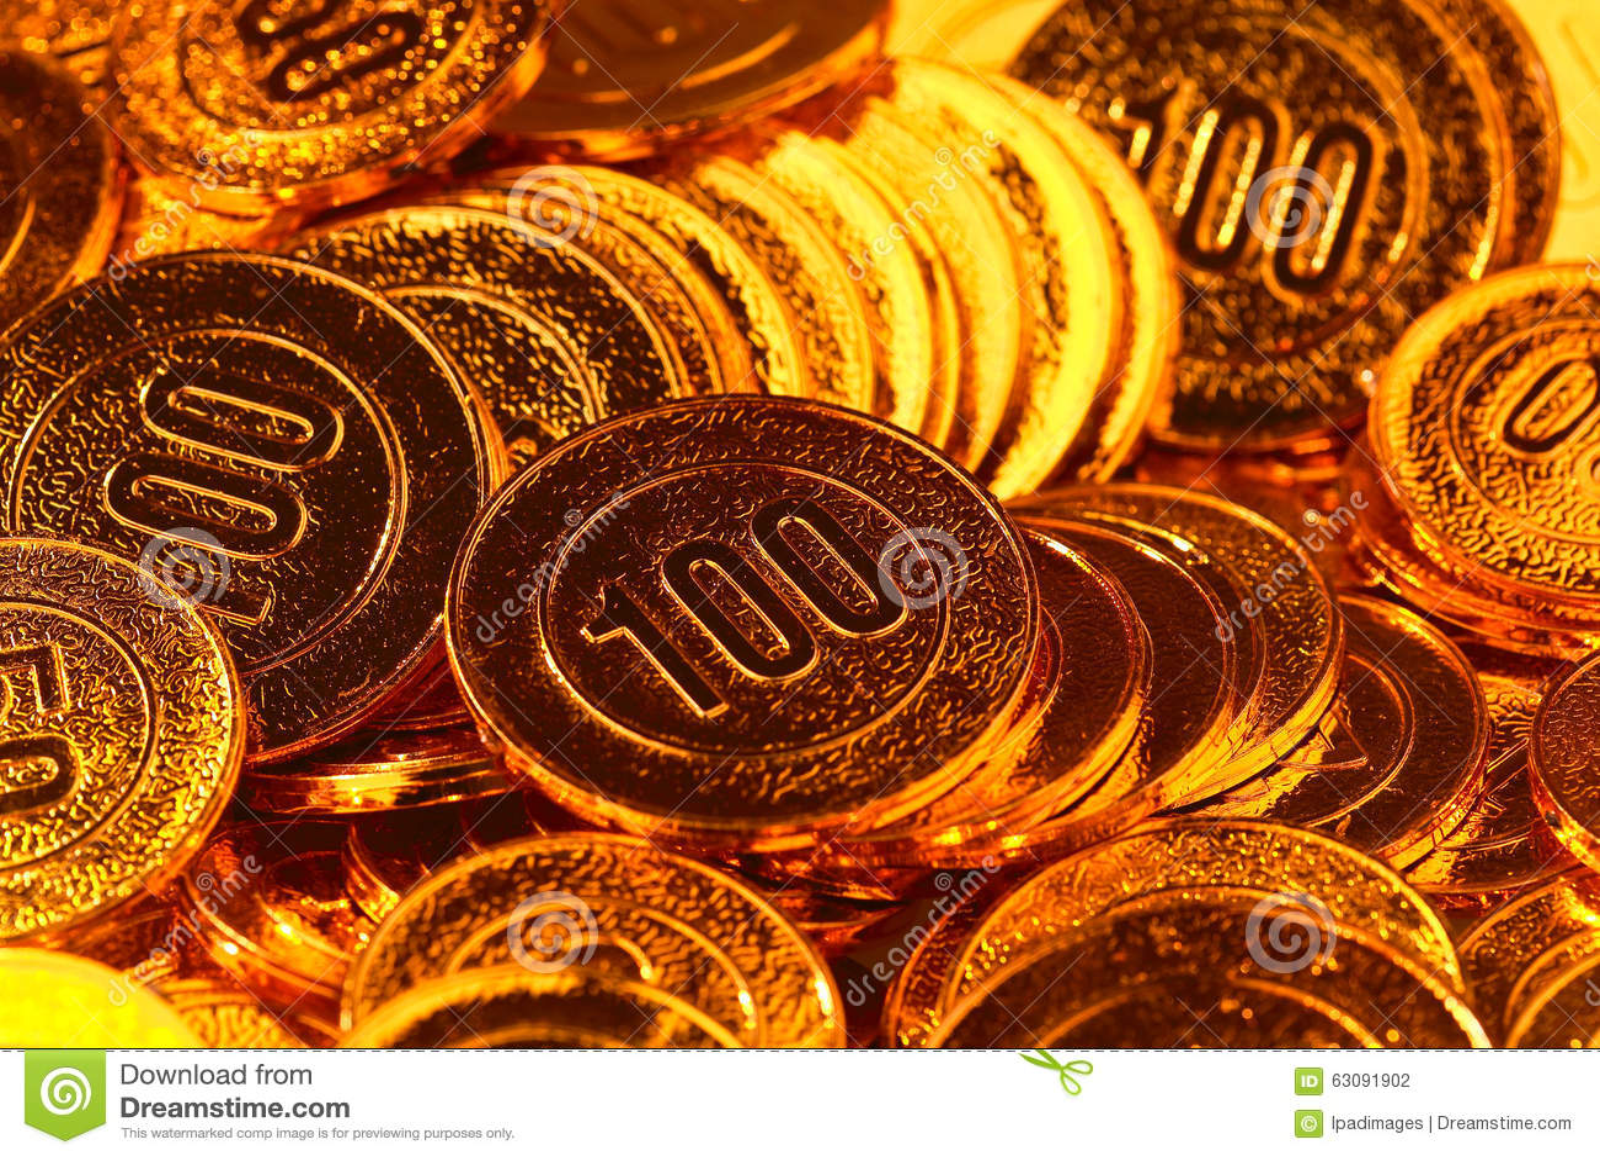 Download Pièces De Monnaie D'or Empilées Dans Un Tas De Fond Photo stock - Image du produits, trouble: 63091902